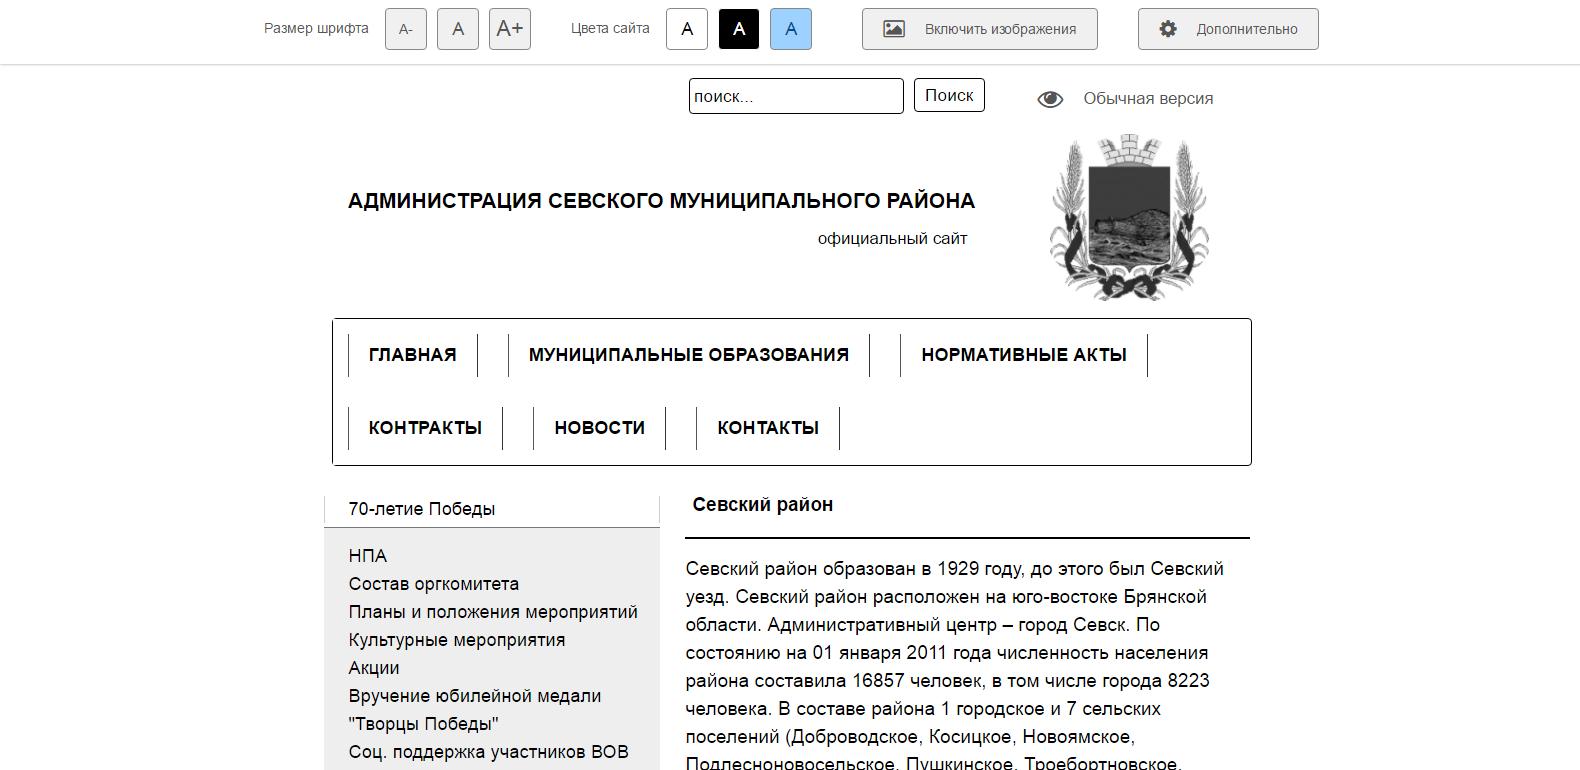 Договор на доработку сайта скачать